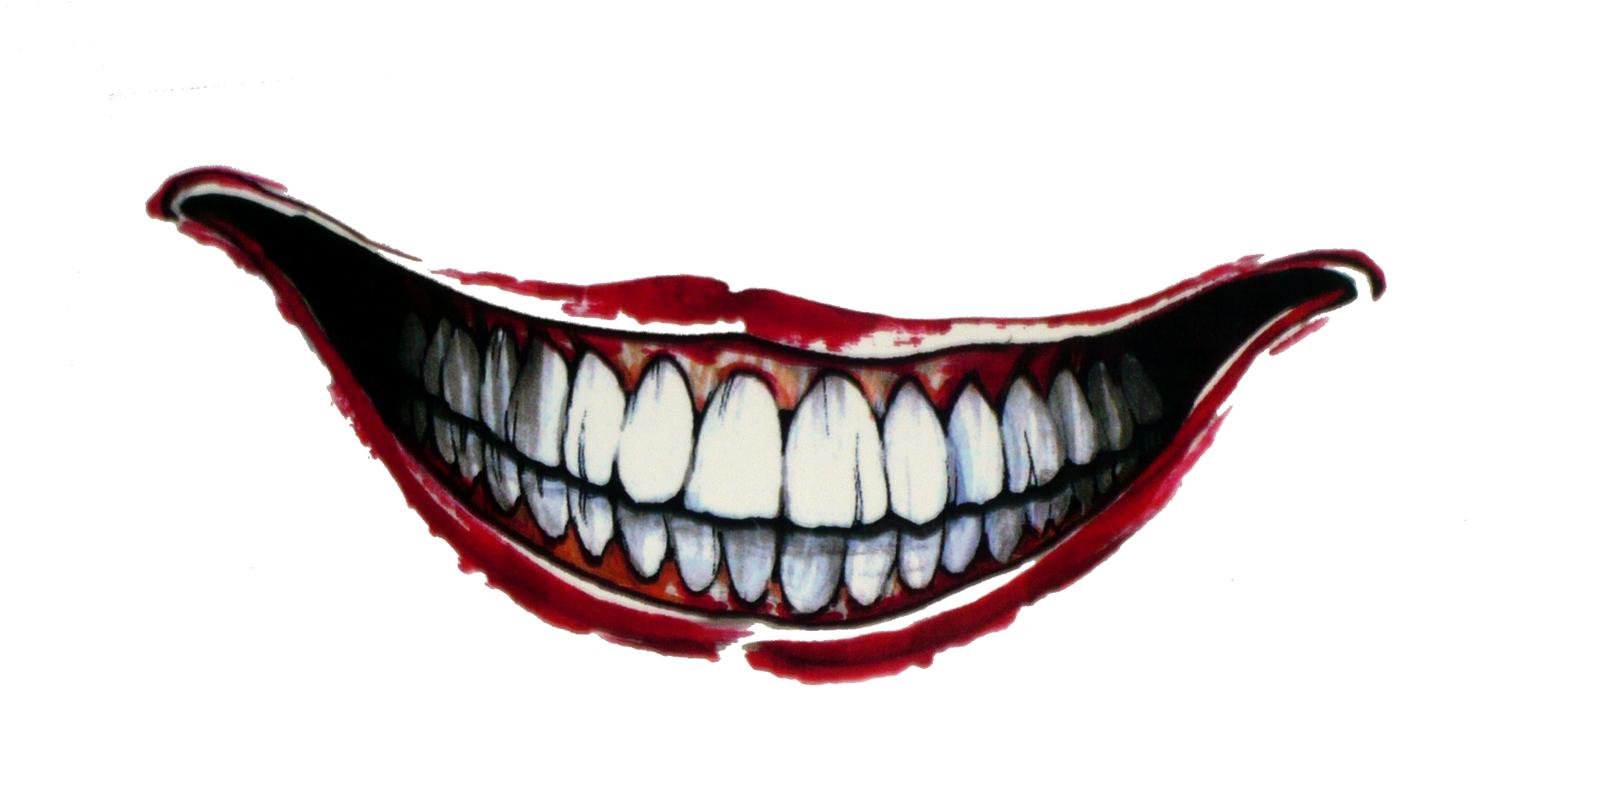 Klicke auf die Grafik für eine größere Ansicht  Name:Unique-Joker-Smile-Tattoo-36-On-Design-Pictures-with-Joker-Smile-Tattoo.jpg Hits:836 Größe:324,5 KB ID:654985